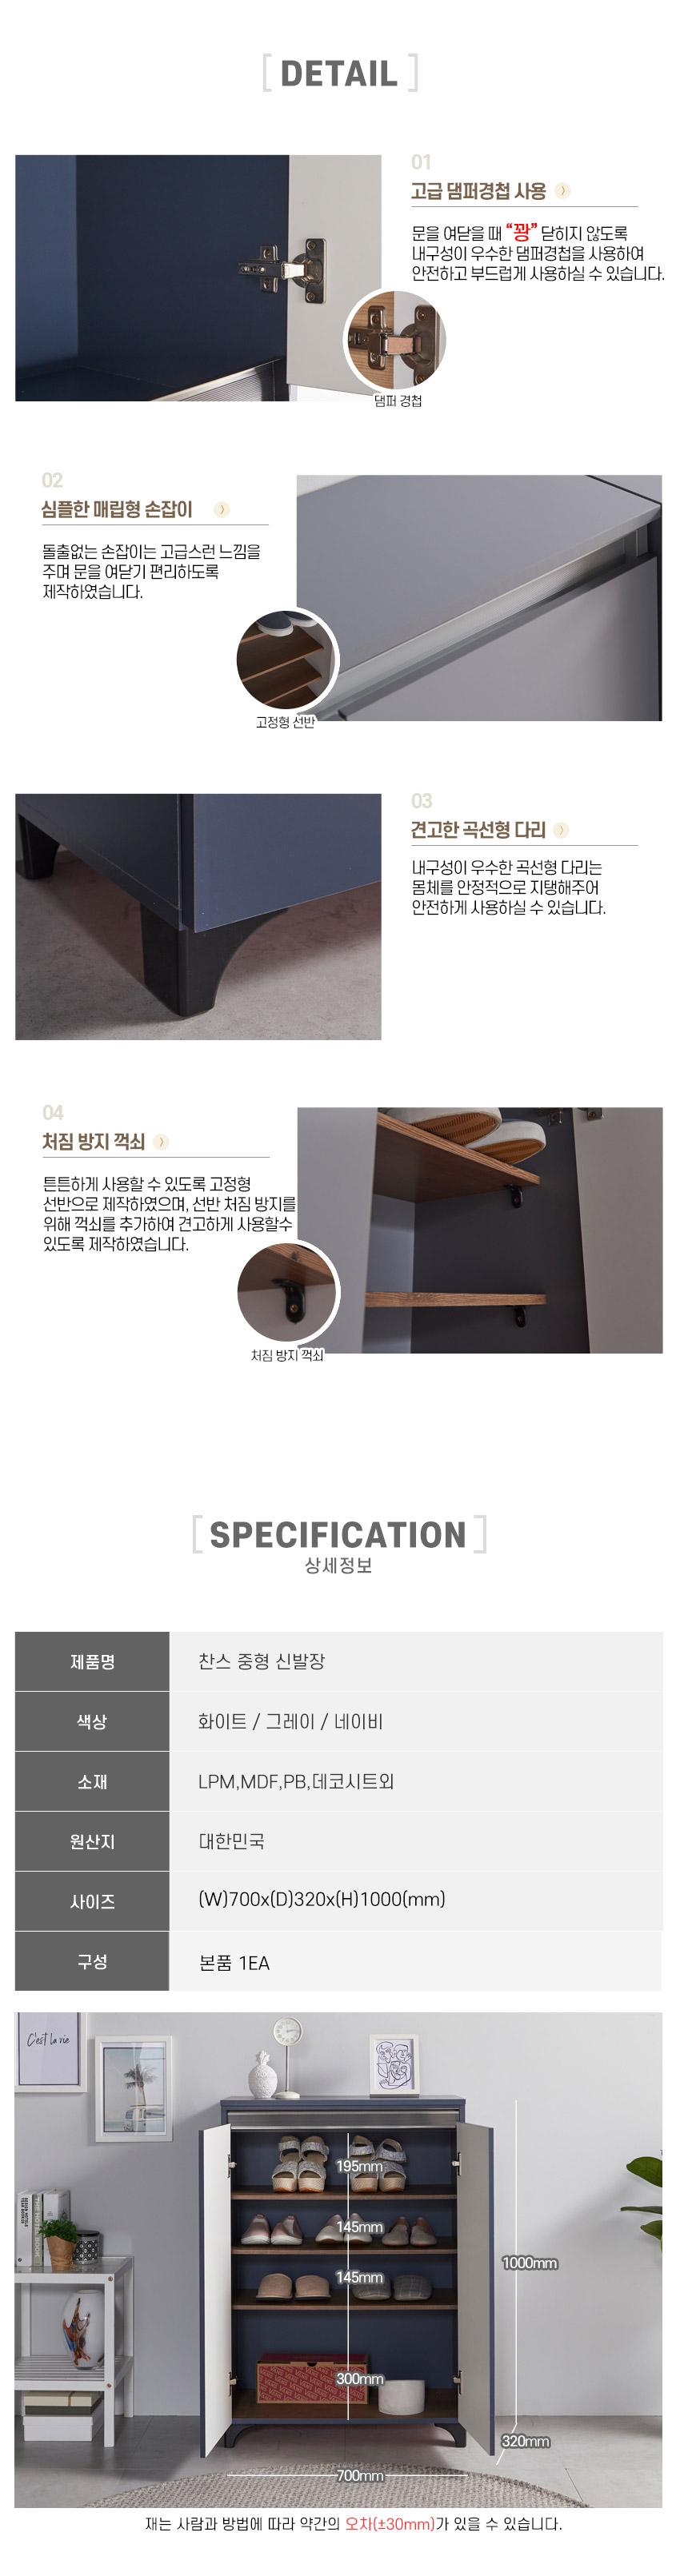 찬스 중형 신발장 - 히트디자인, 113,500원, 수납/선반장, 신발정리대/신발장